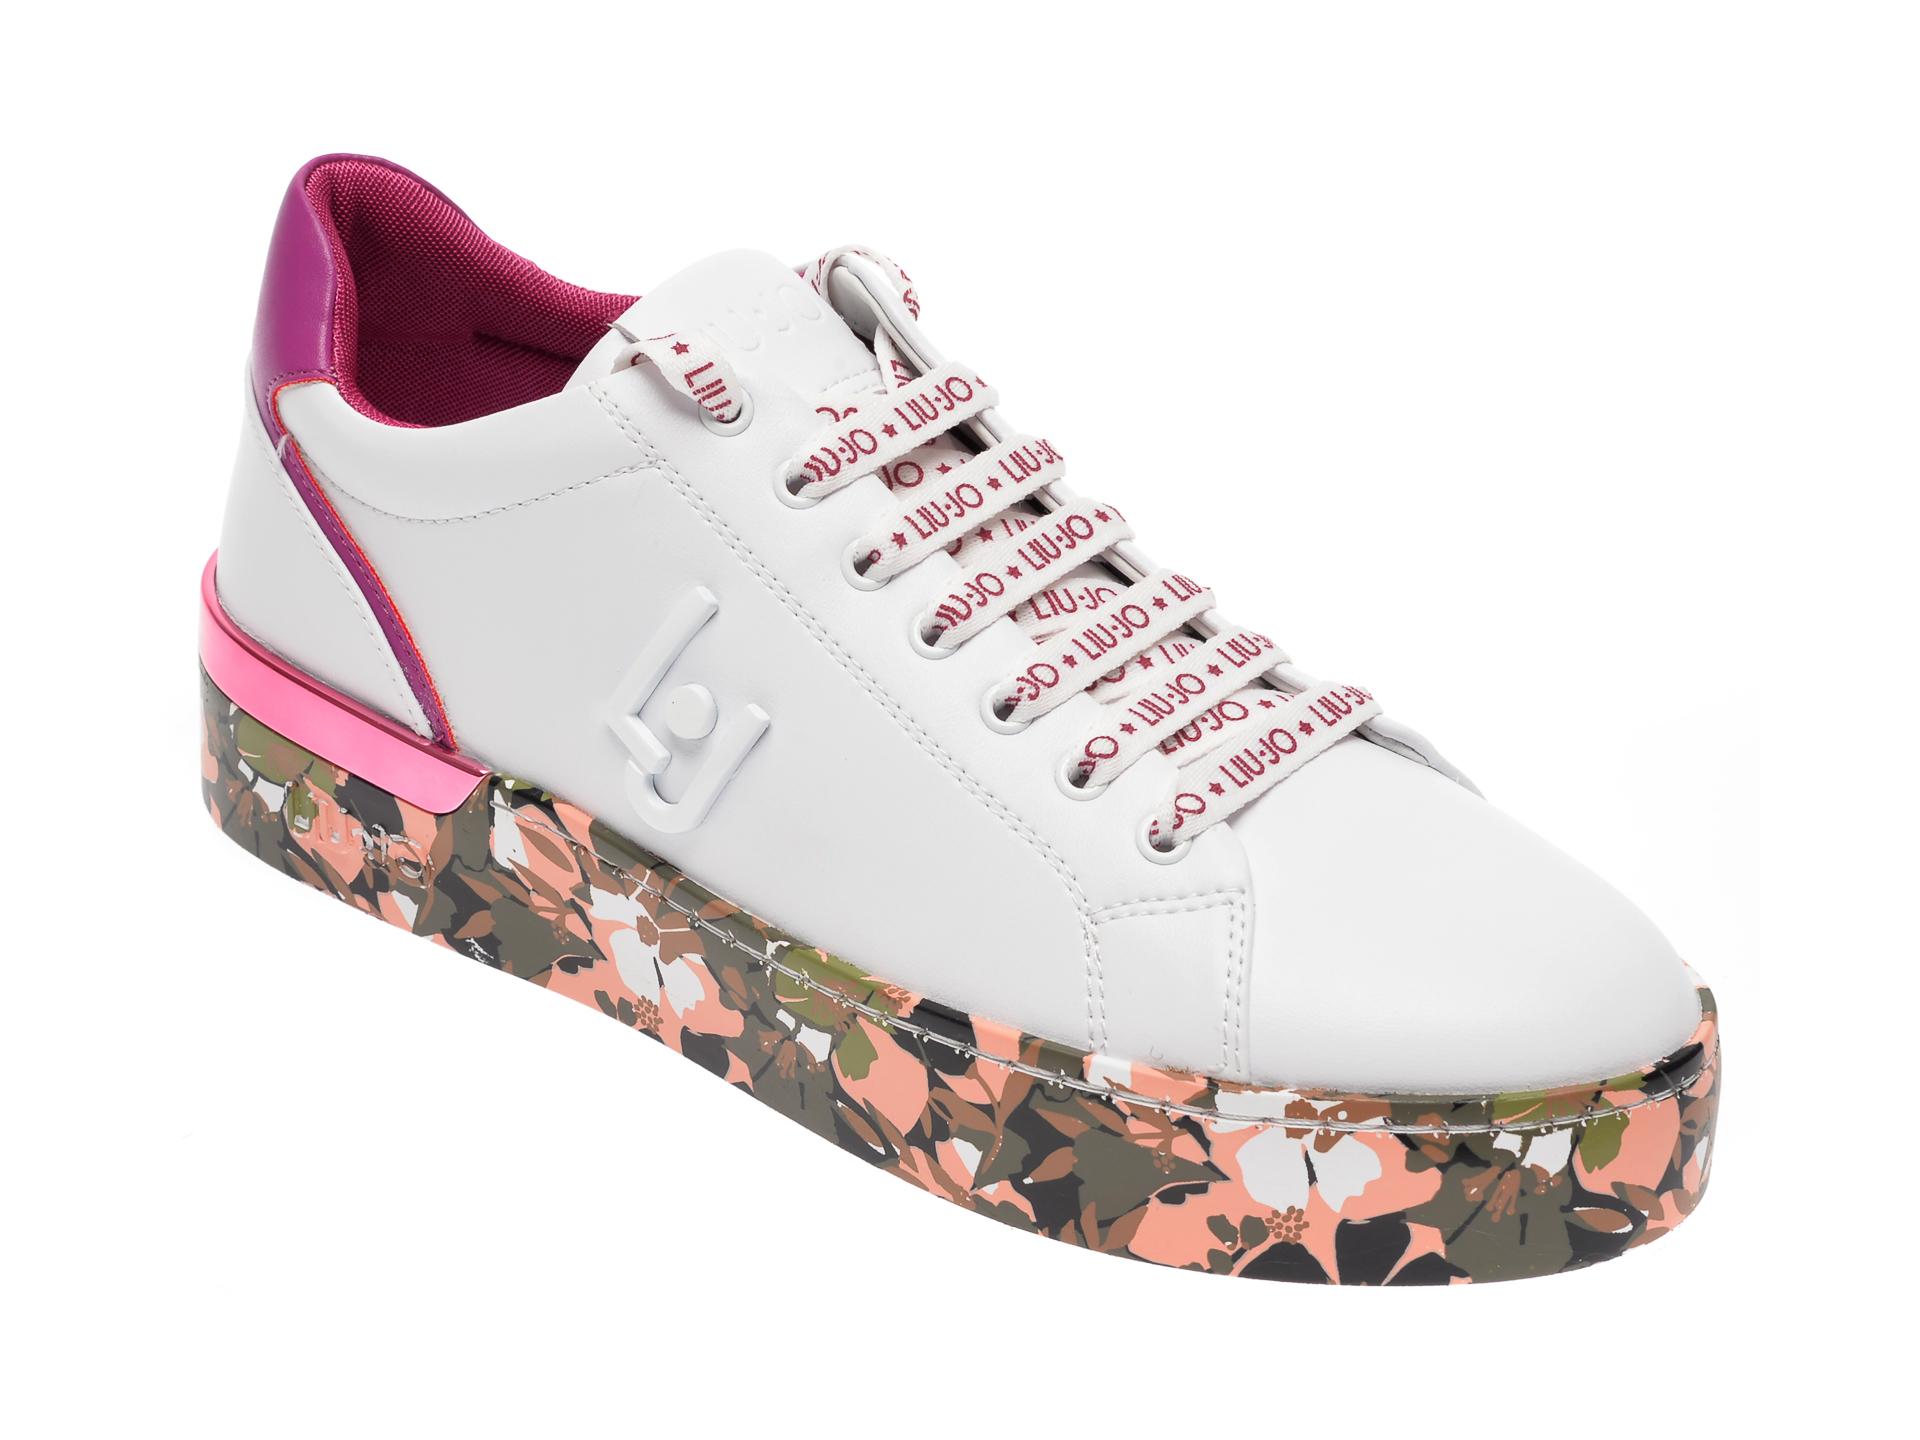 Pantofi LIU JO albi, SILV01, din piele ecologica